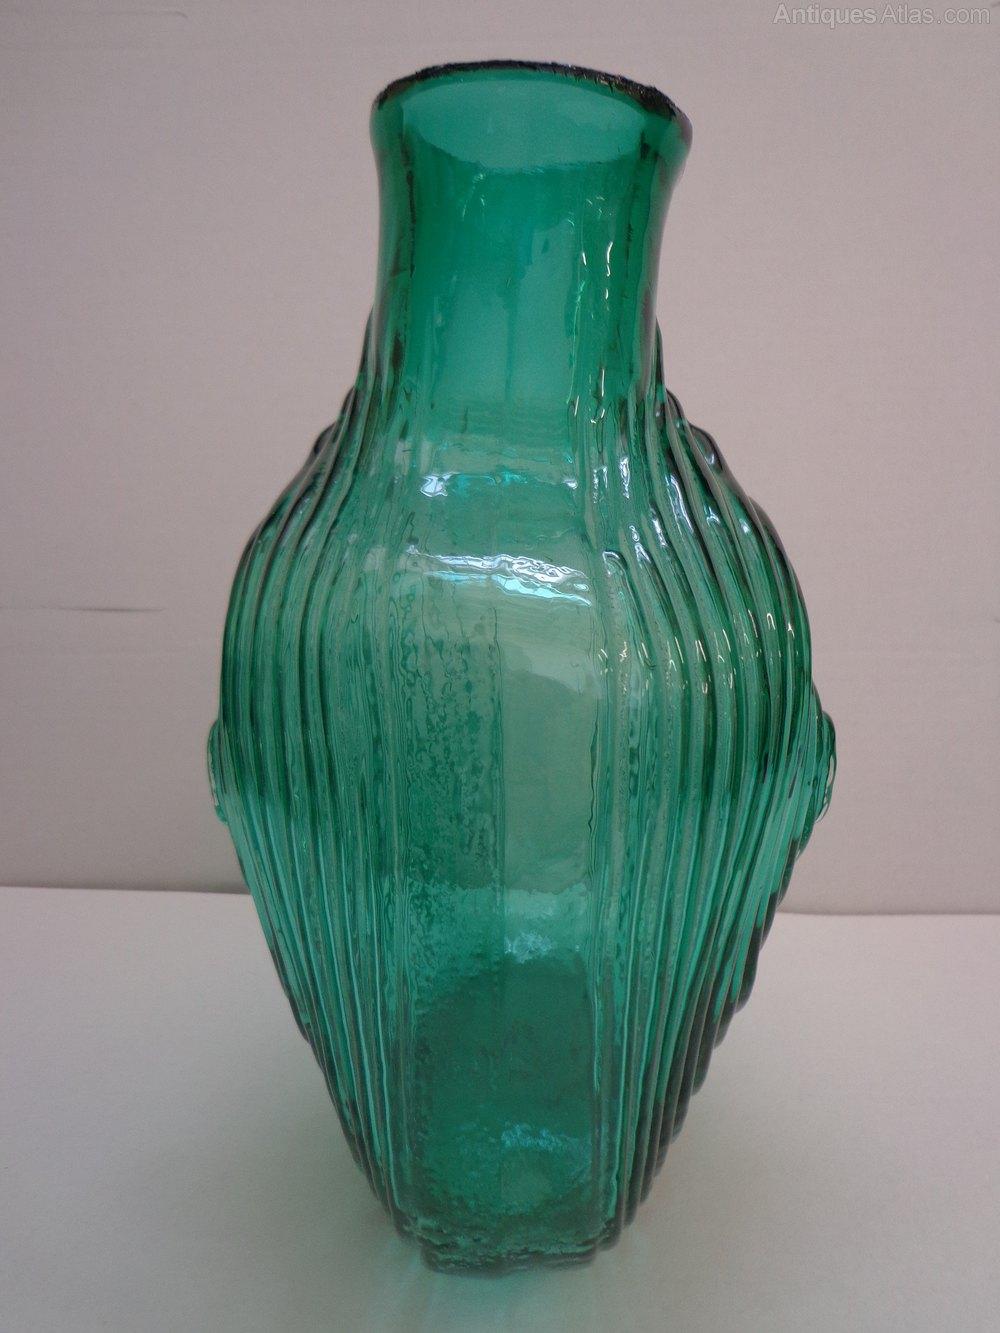 Antiques Atlas Rare Whitefriars Nipple Vase In Cased Aqua